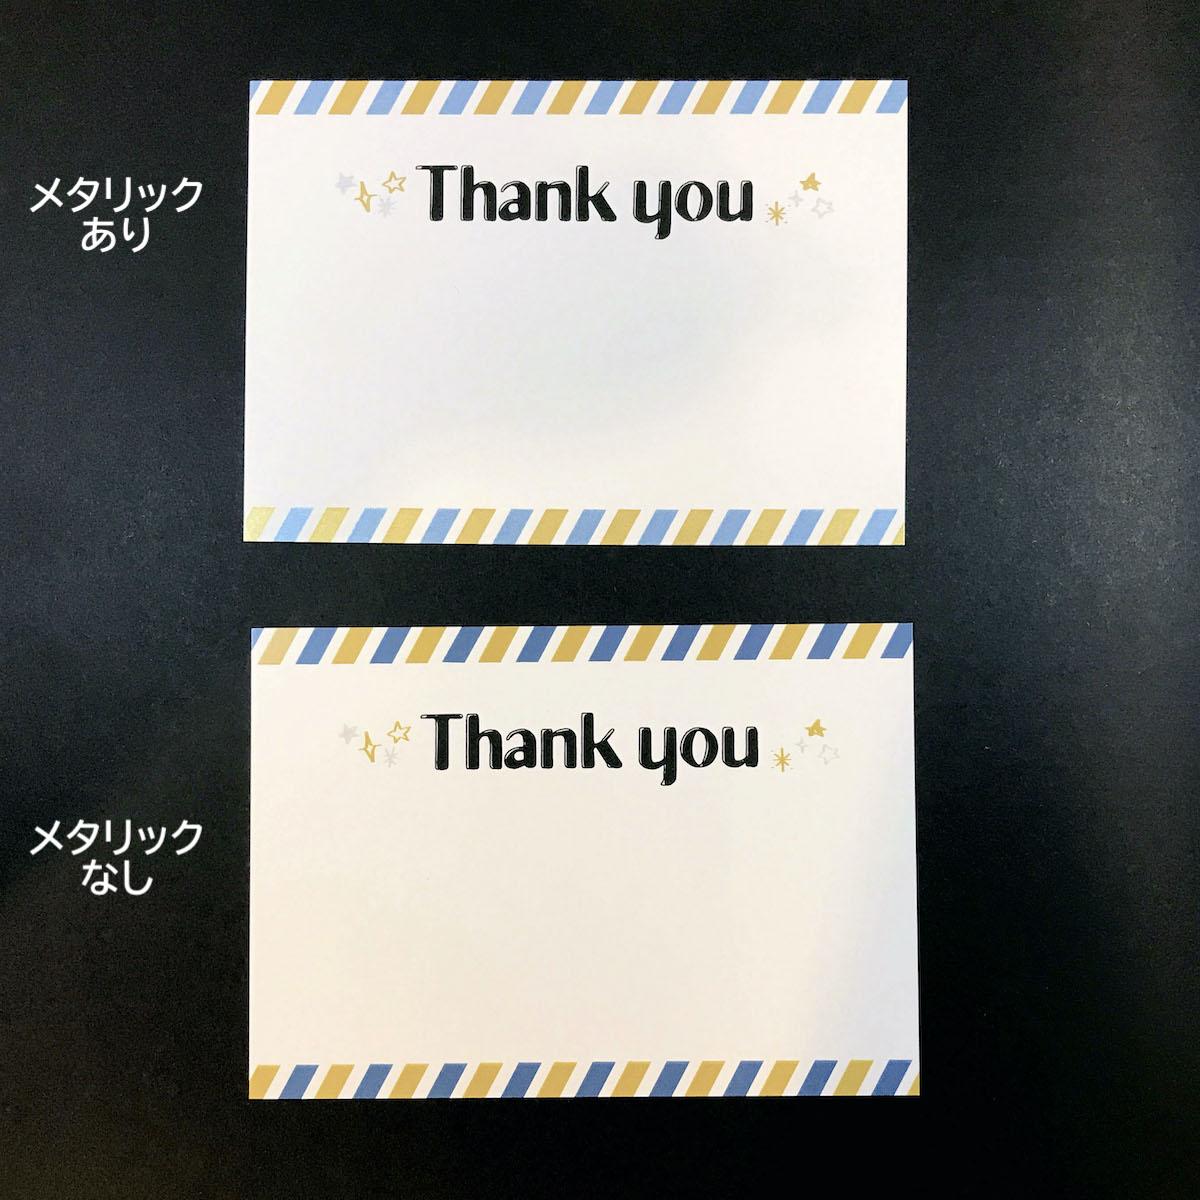 メタリック印刷比較